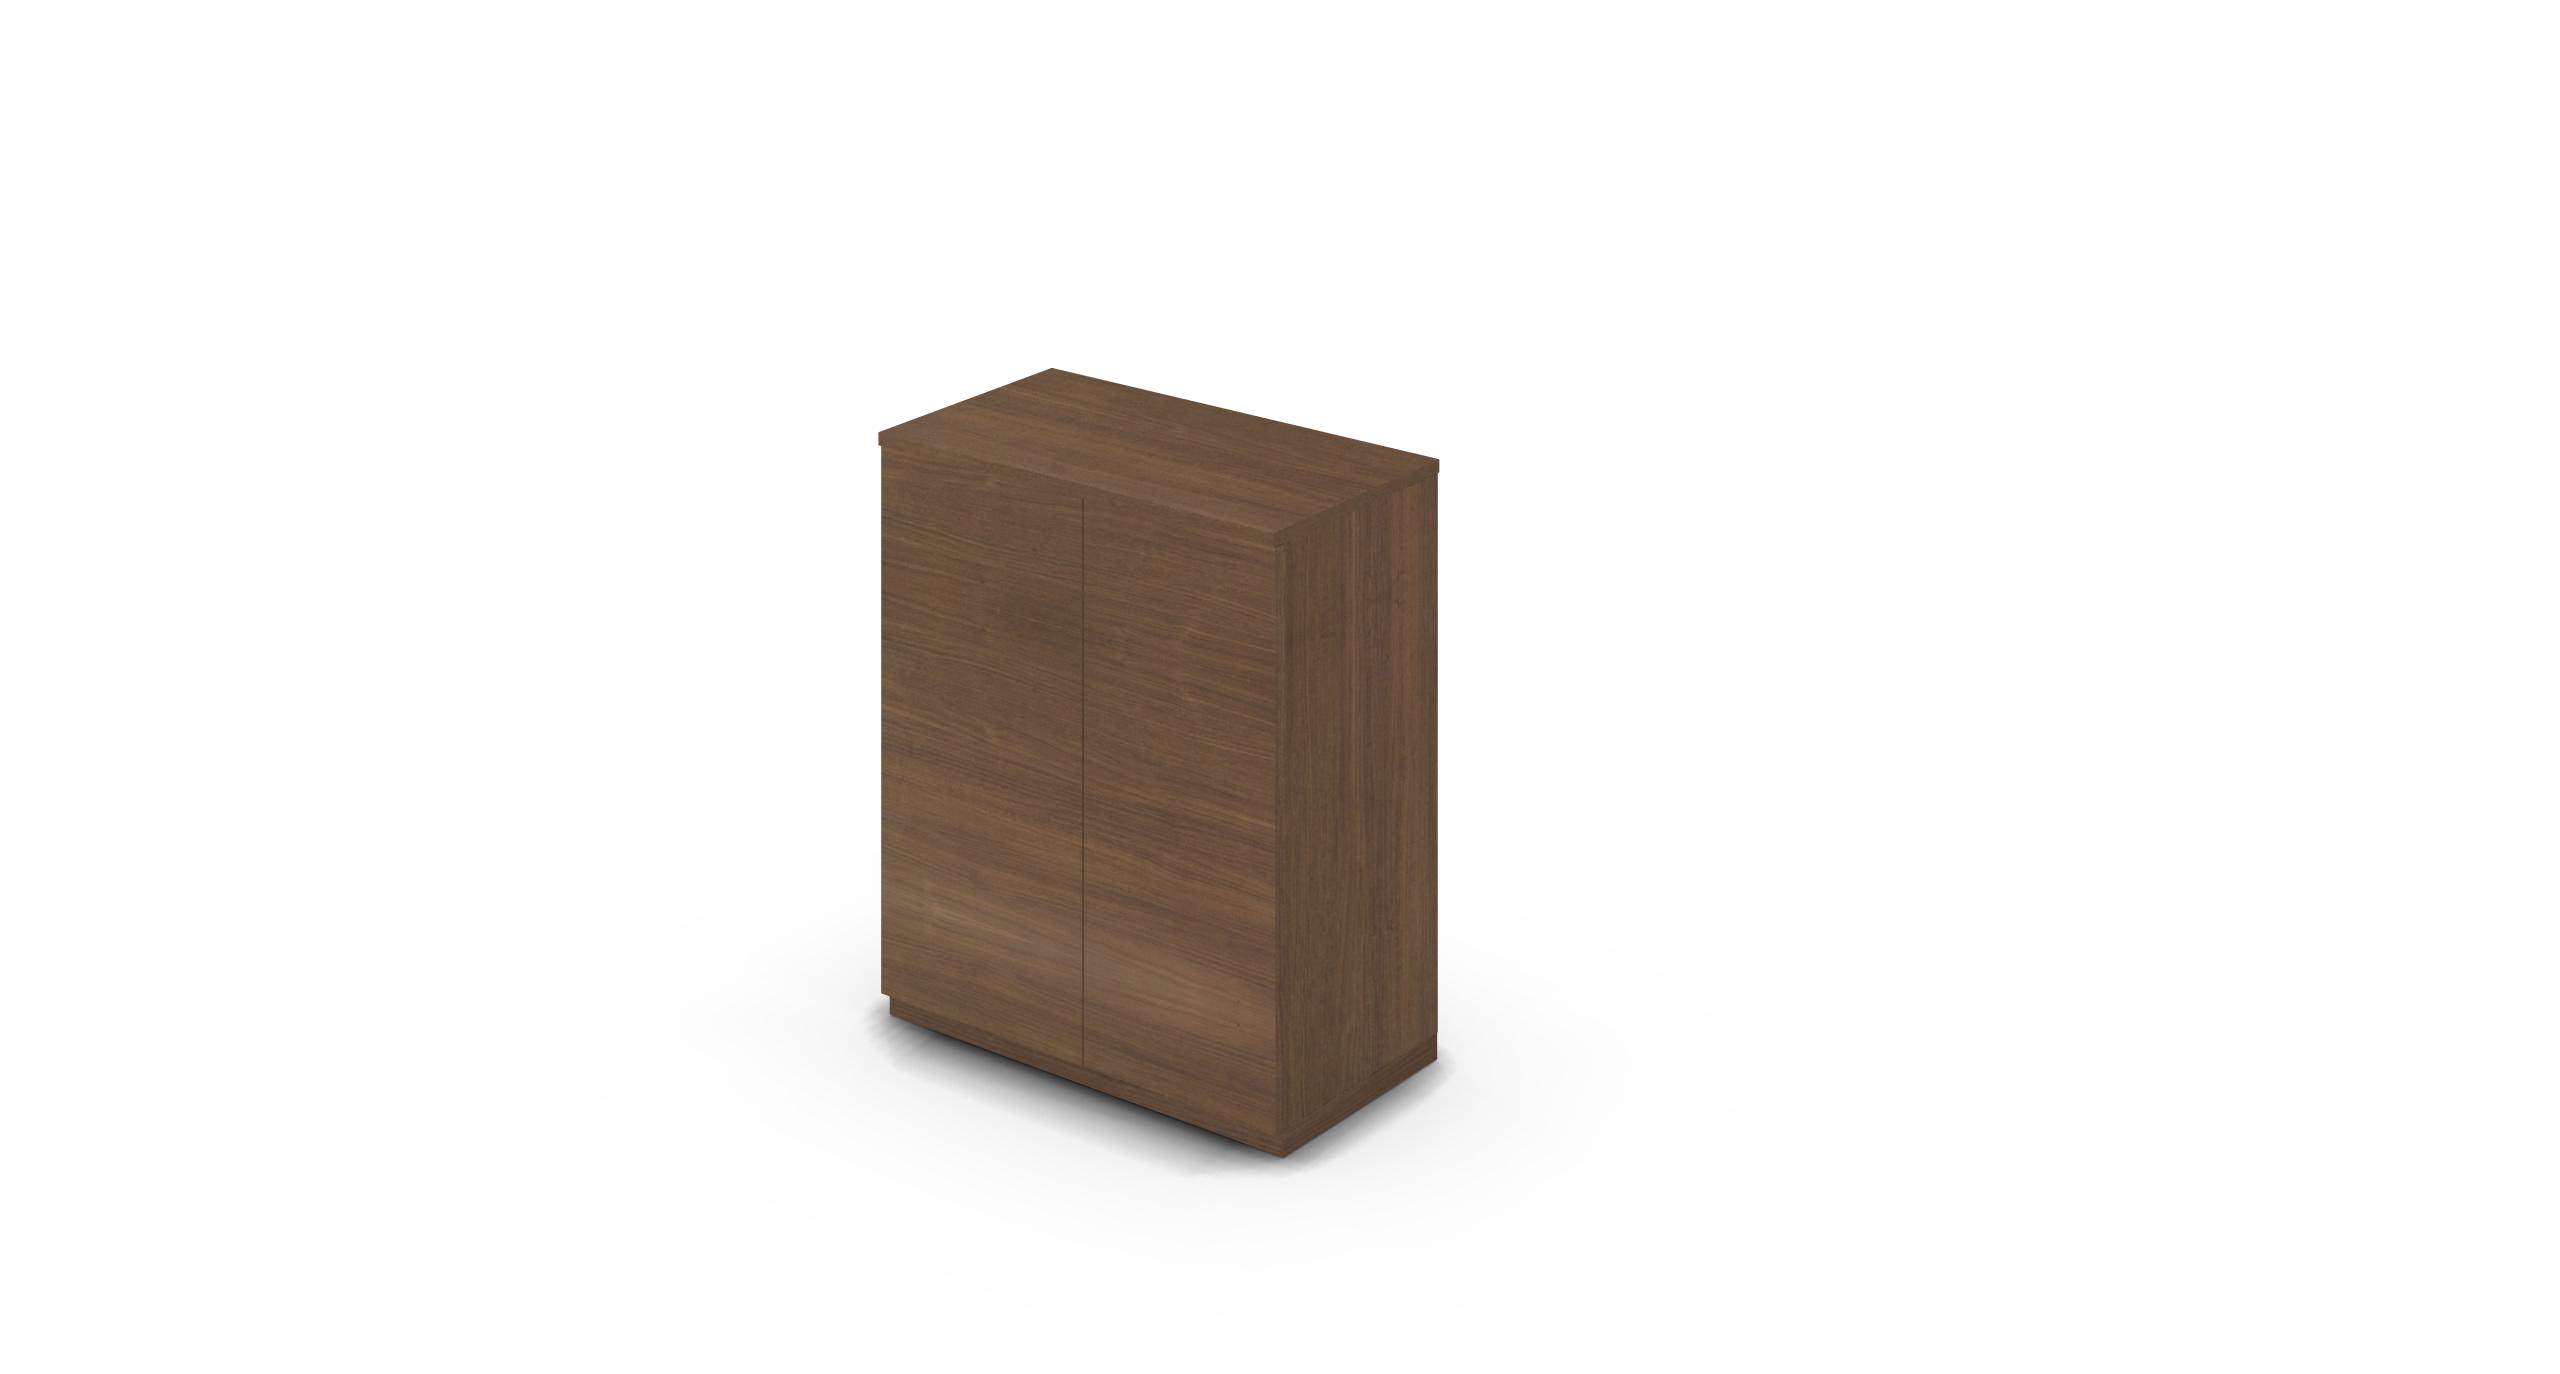 Cabinet_800x450x1125_HD_Walnut_Push_NoCylinder